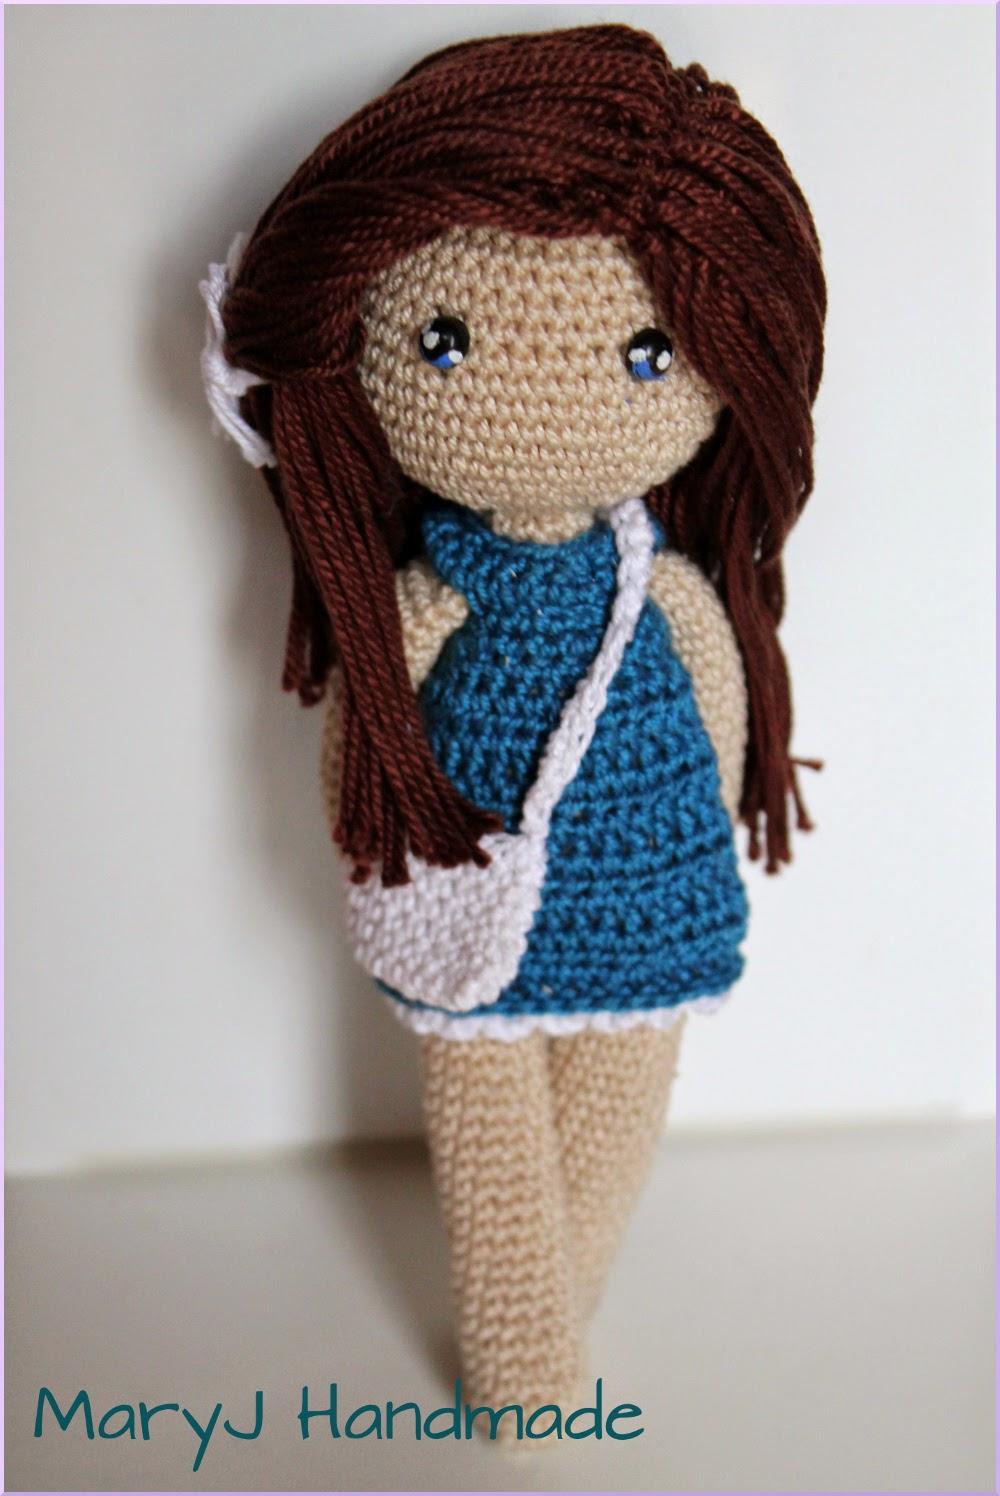 Maryj Handmade Daphne A Cute Amigurumi Doll